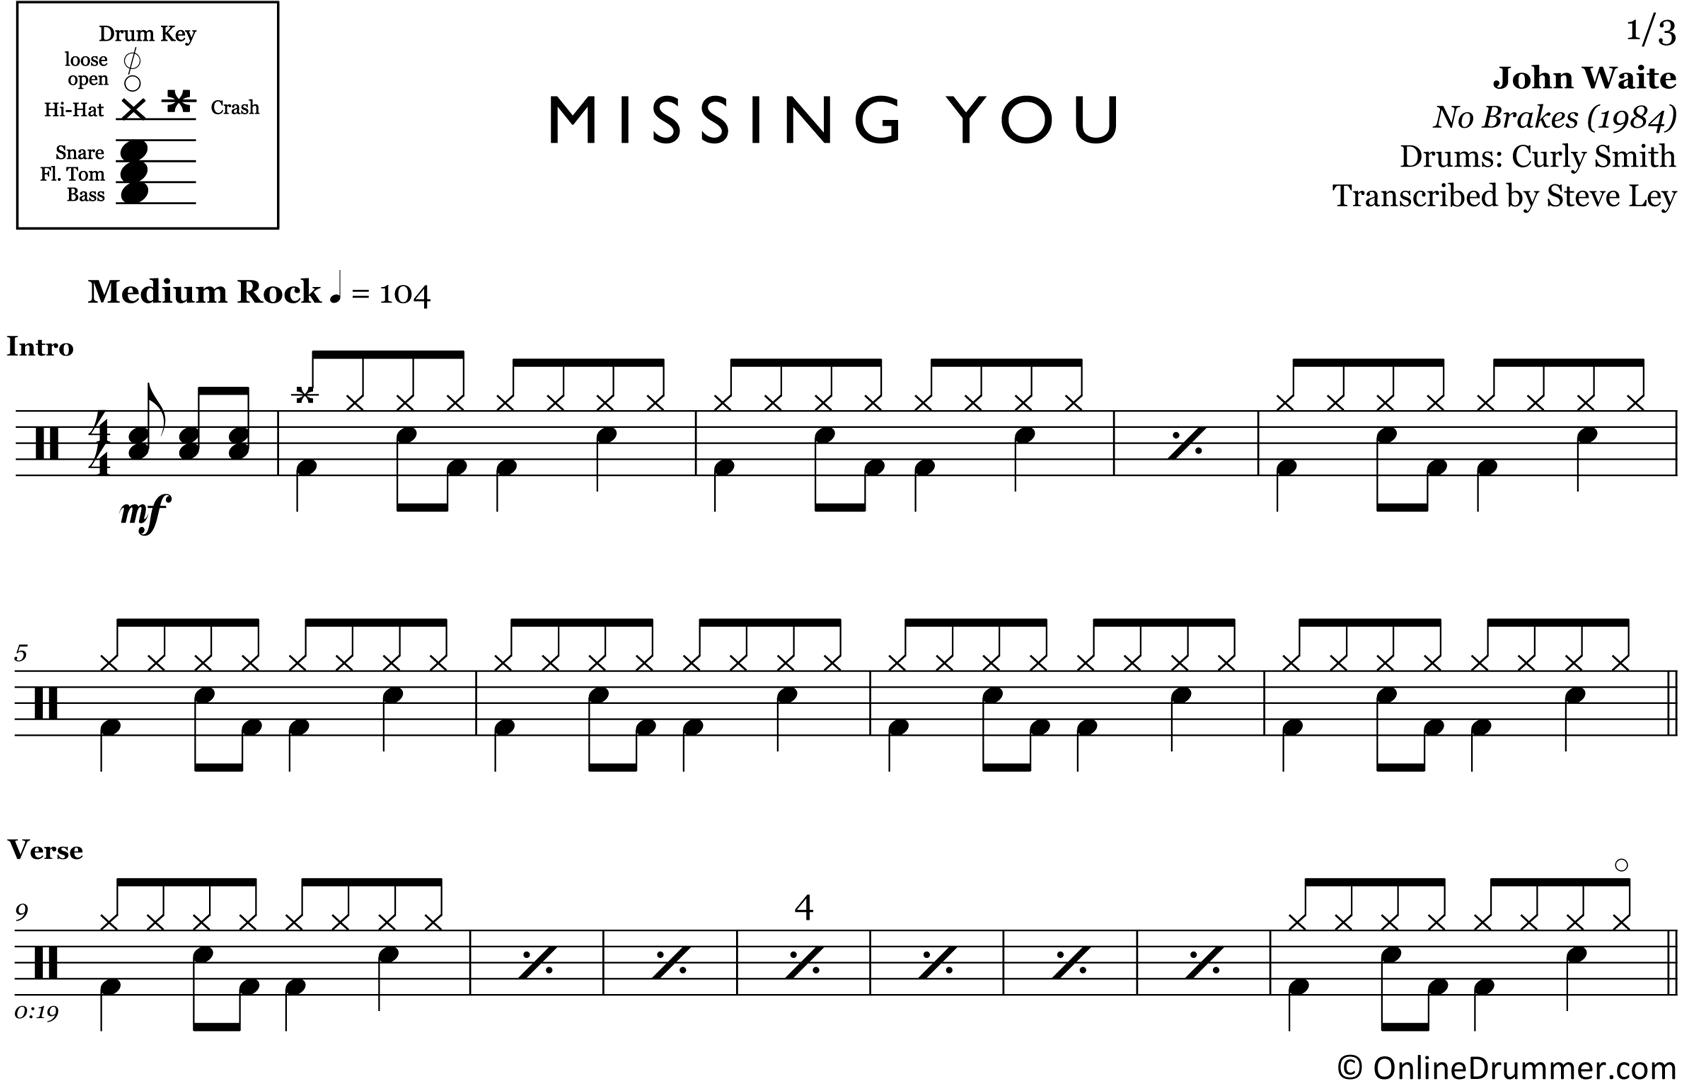 Missing You - John Waite - Drum Sheet Music